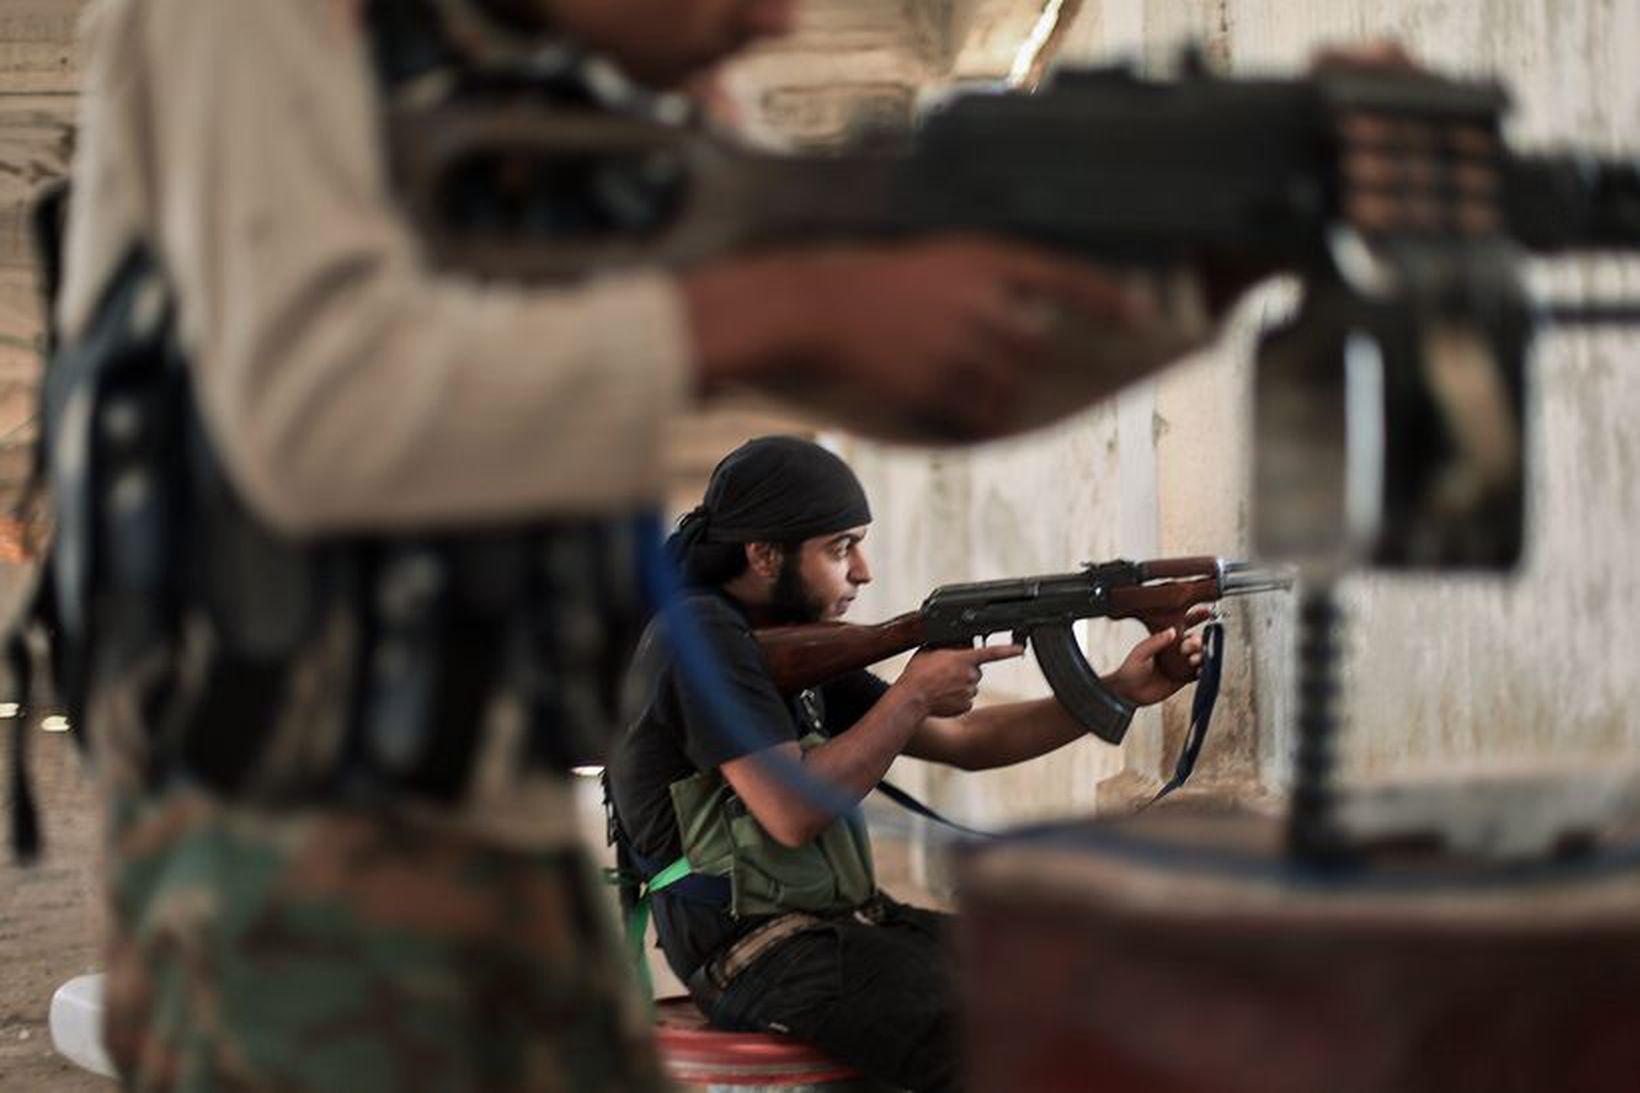 Sýrlenskir uppreisnarmenn hafa átt í átökum við ISIS eins og …